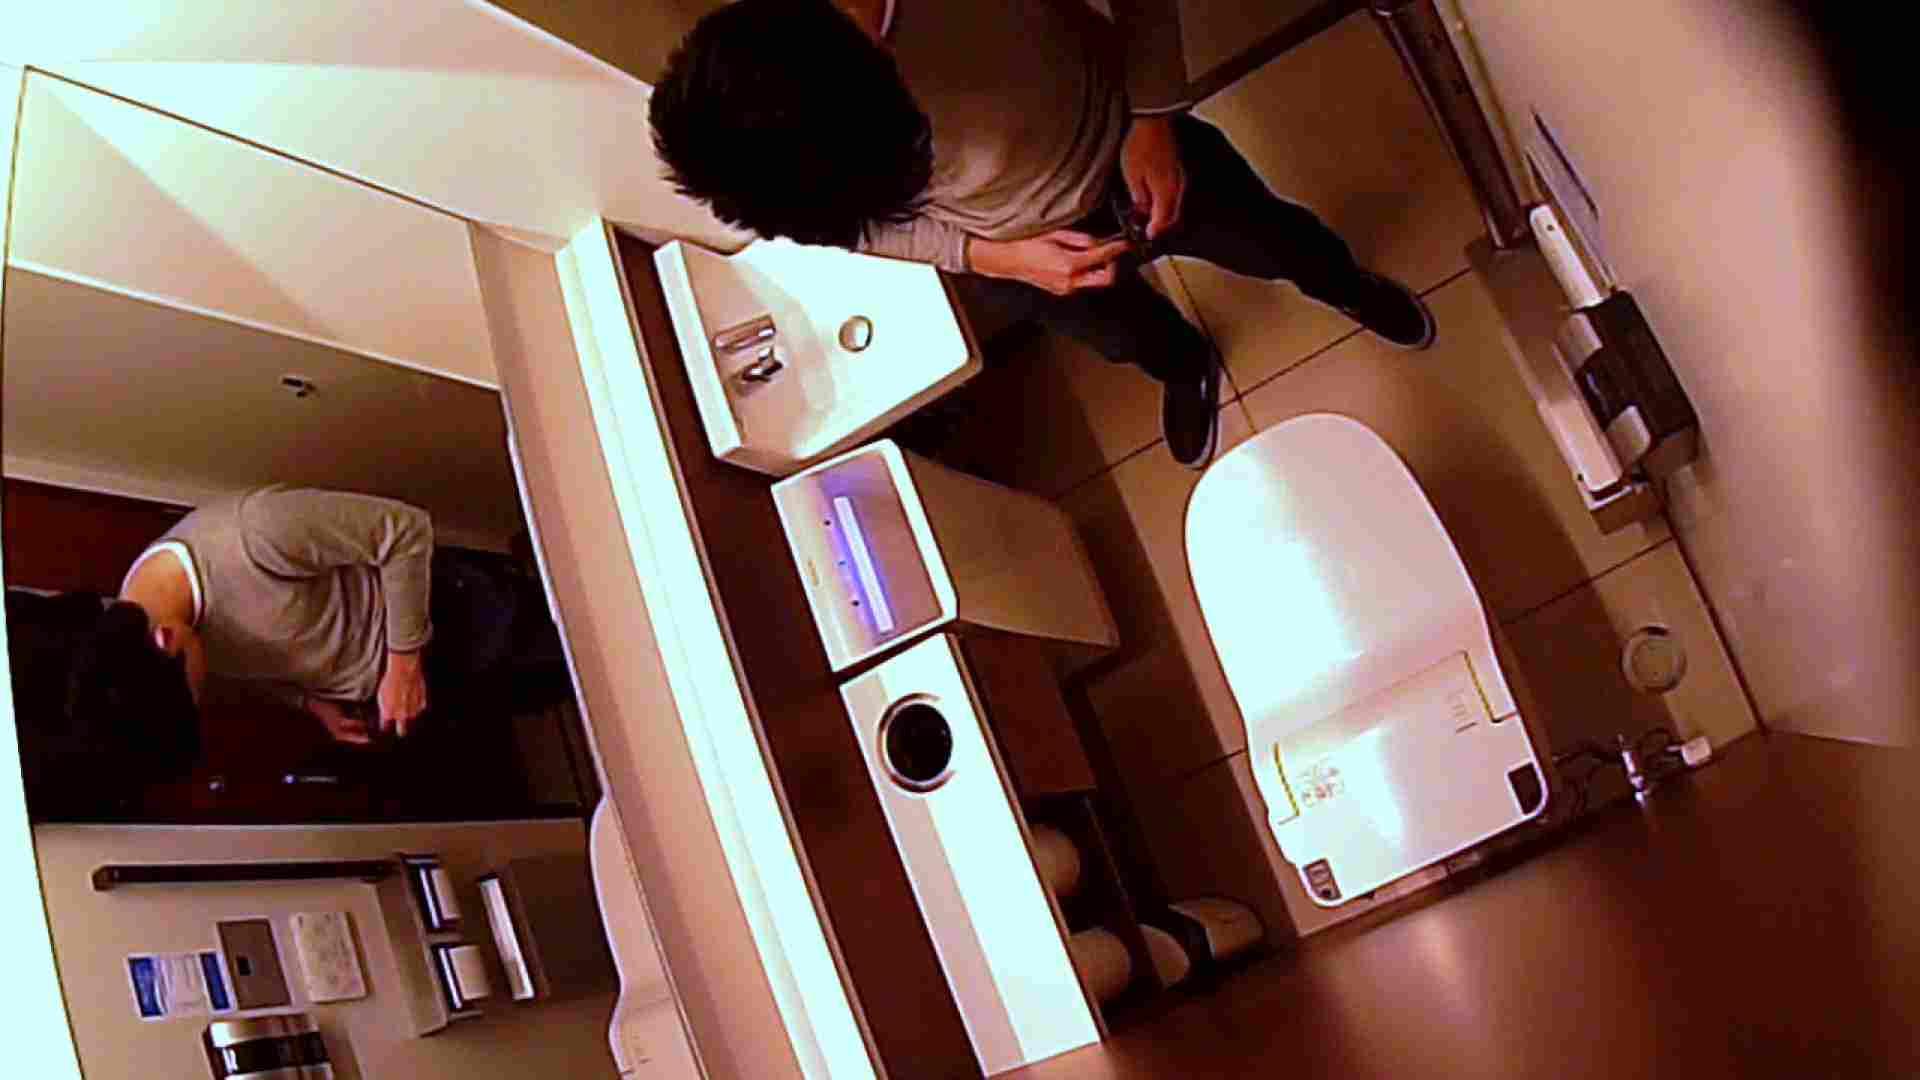 すみませんが覗かせてください Vol.30 トイレ | 0  62枚 5